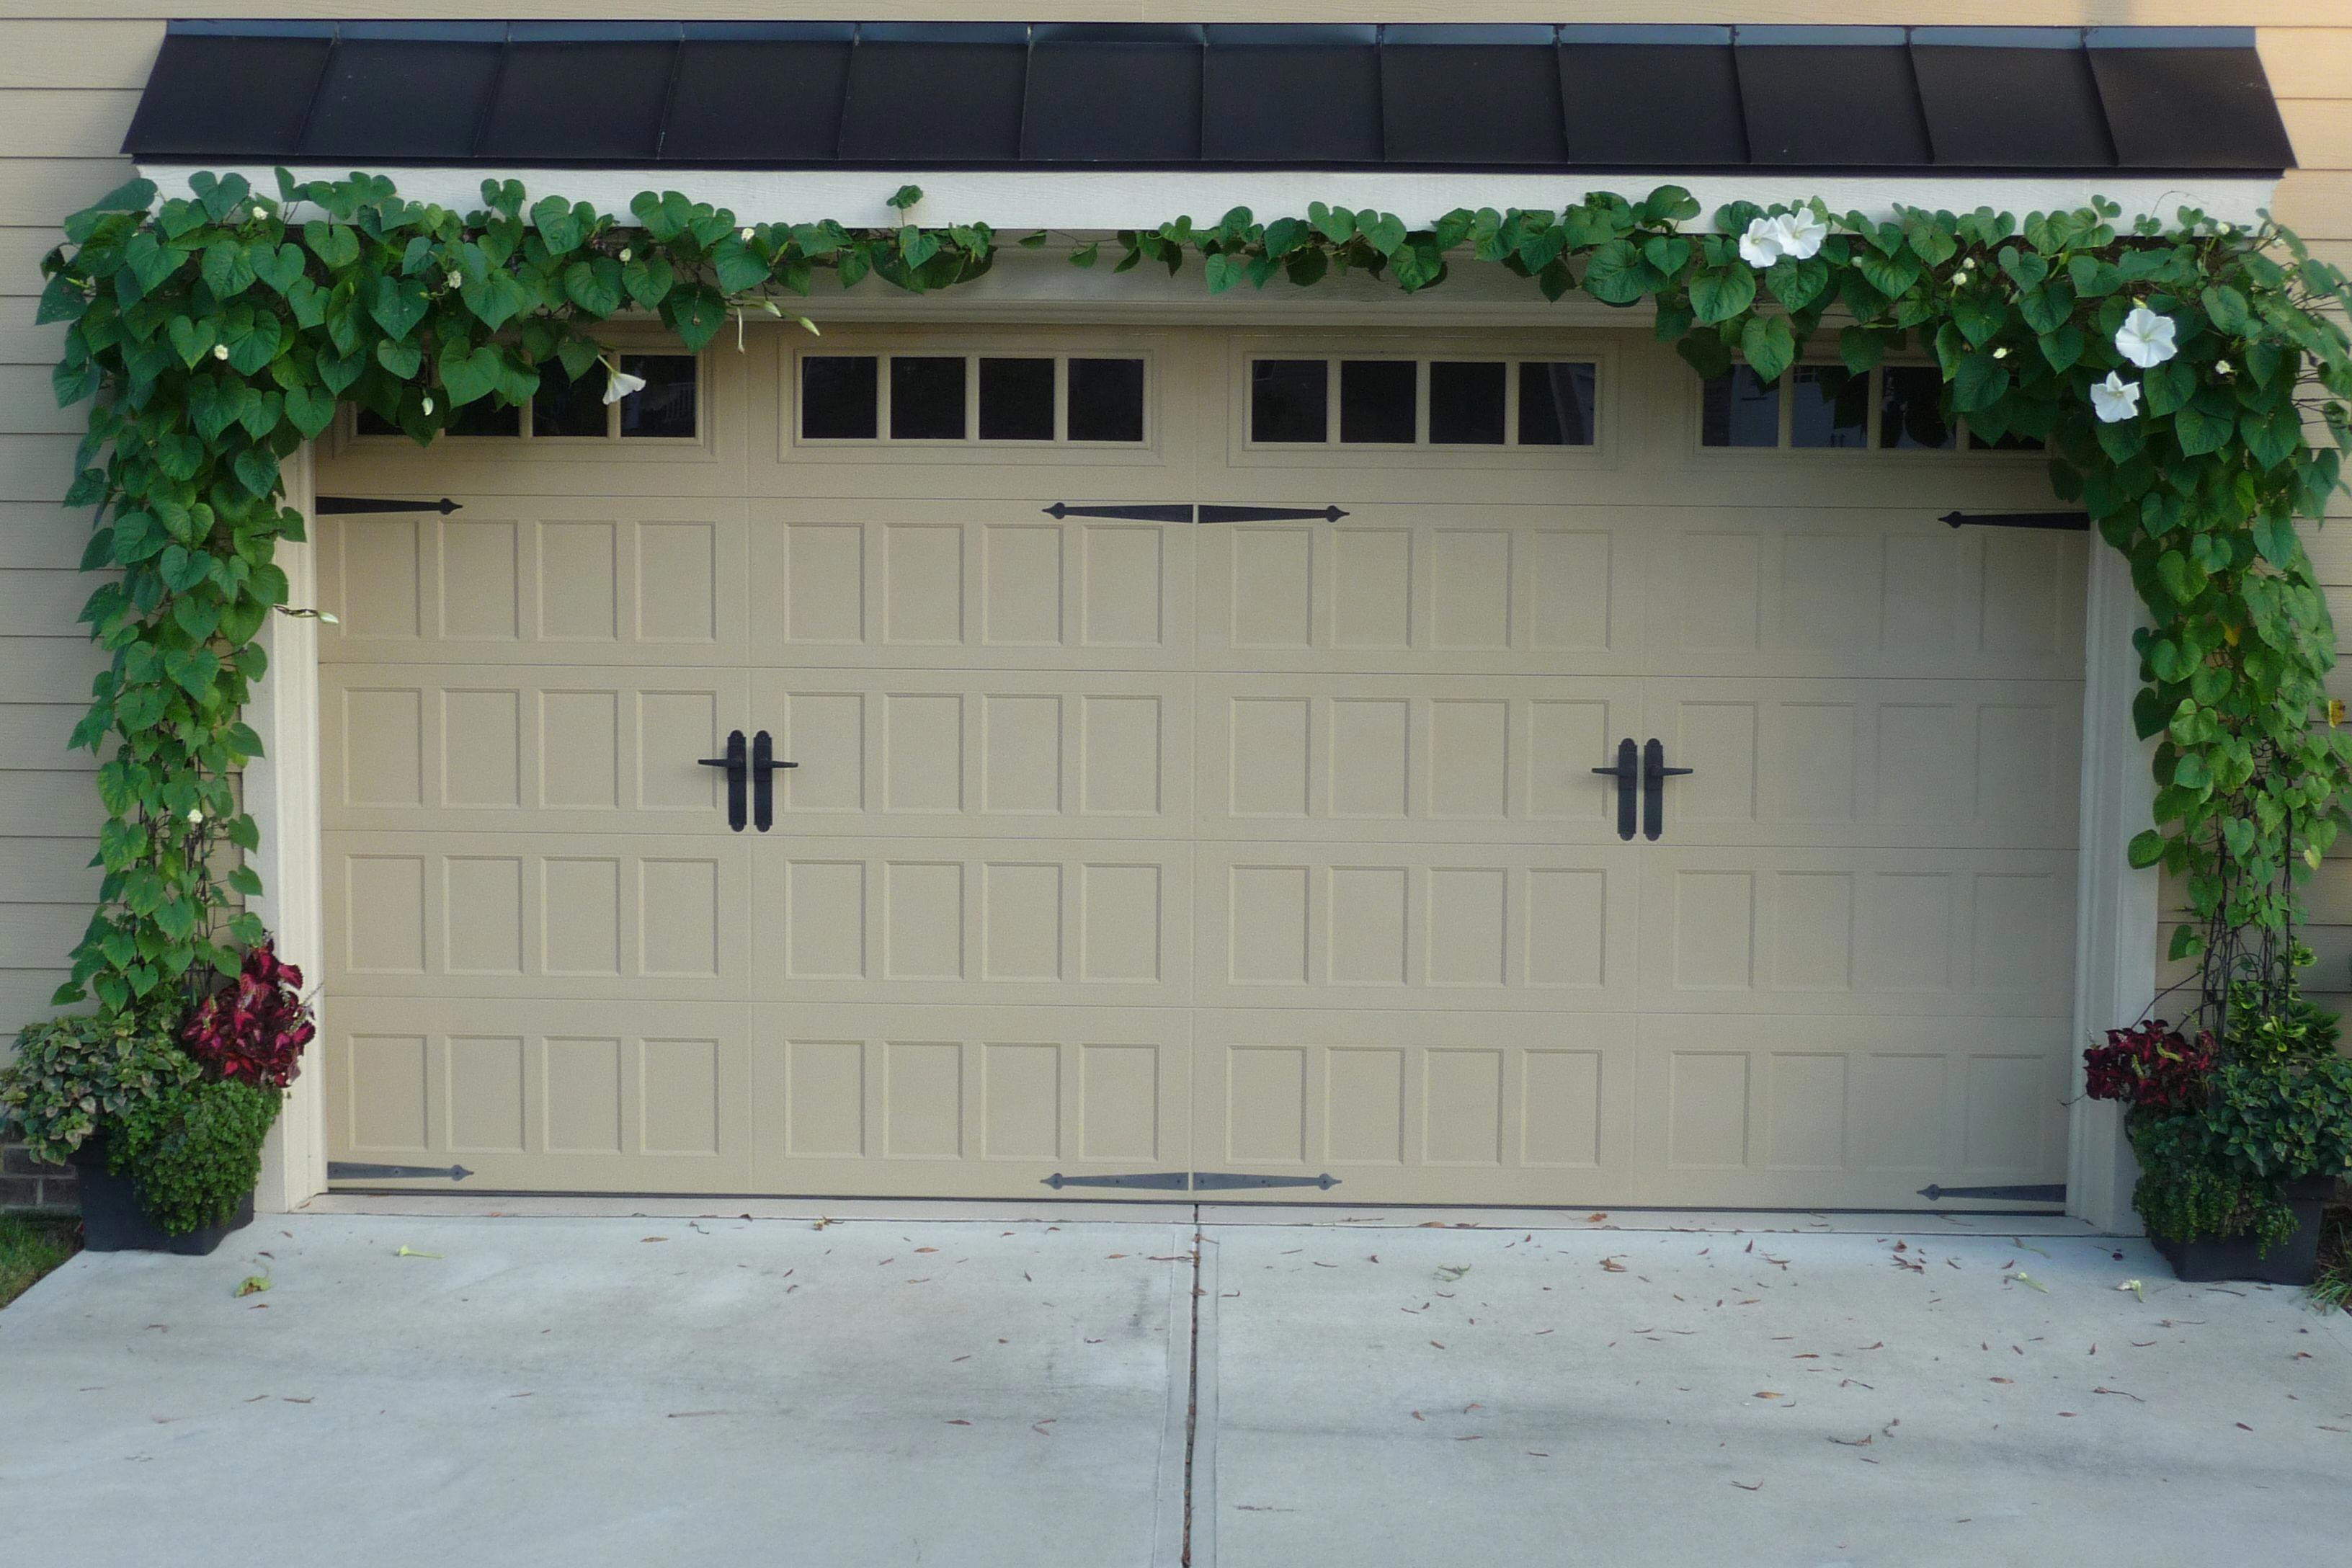 Moonvine Ipomoea Alba Growing Over The Garage Door Hidden Wire Support Trellis Wire Pergolaheight Garage Doors Garage Trellis Pergola Shade Cover